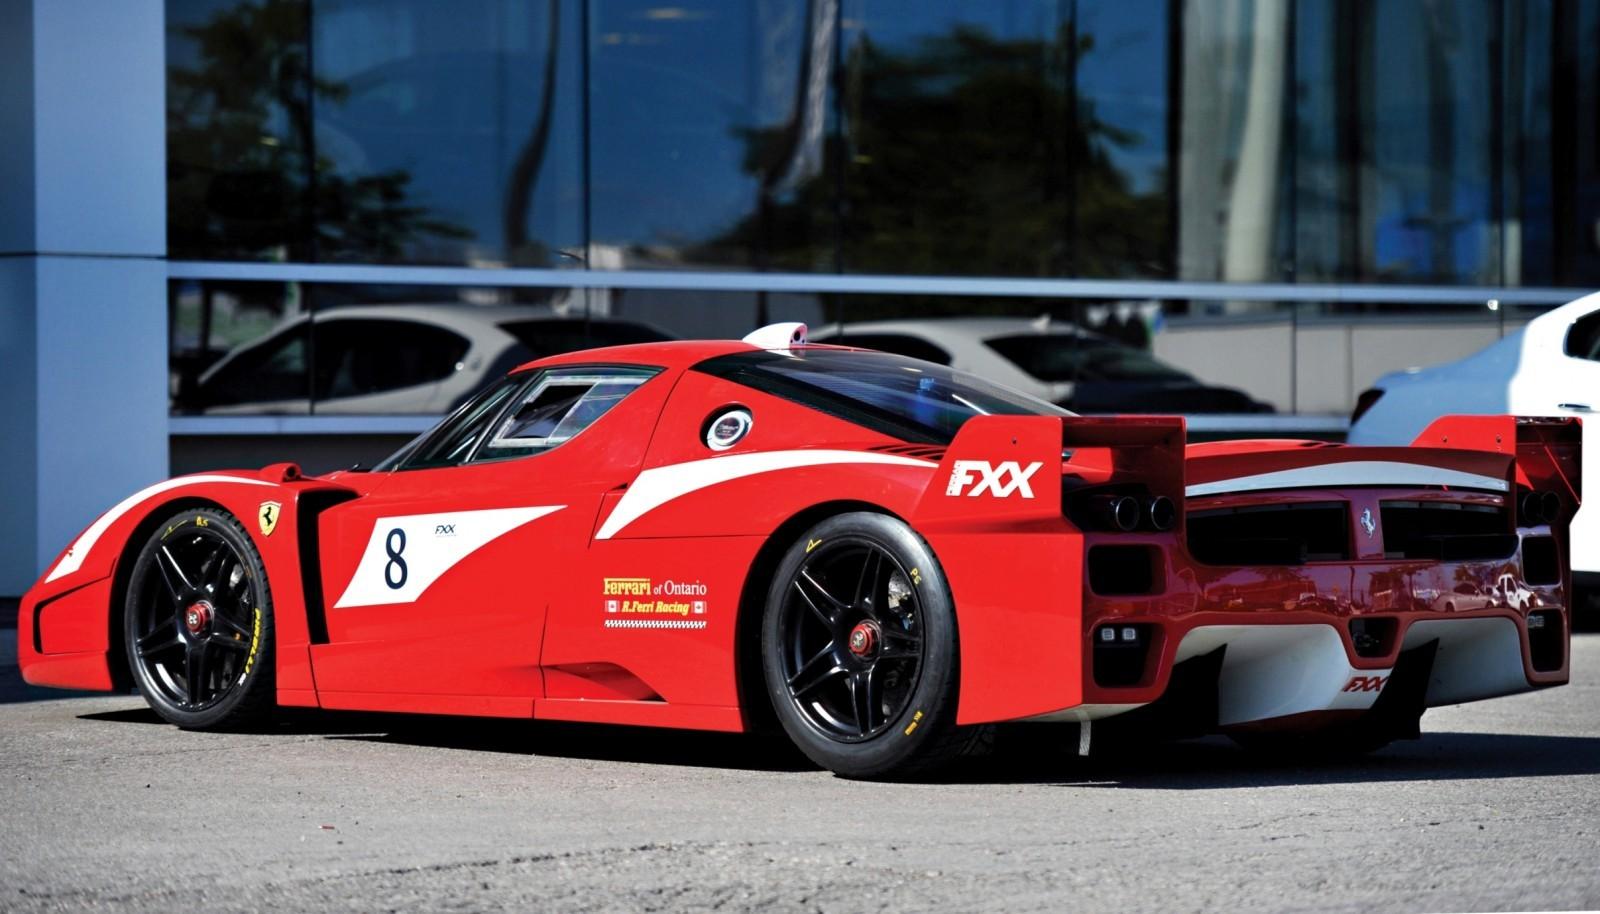 RM Monterey Preview - 2006 Ferrari FXX Evoluzione 2